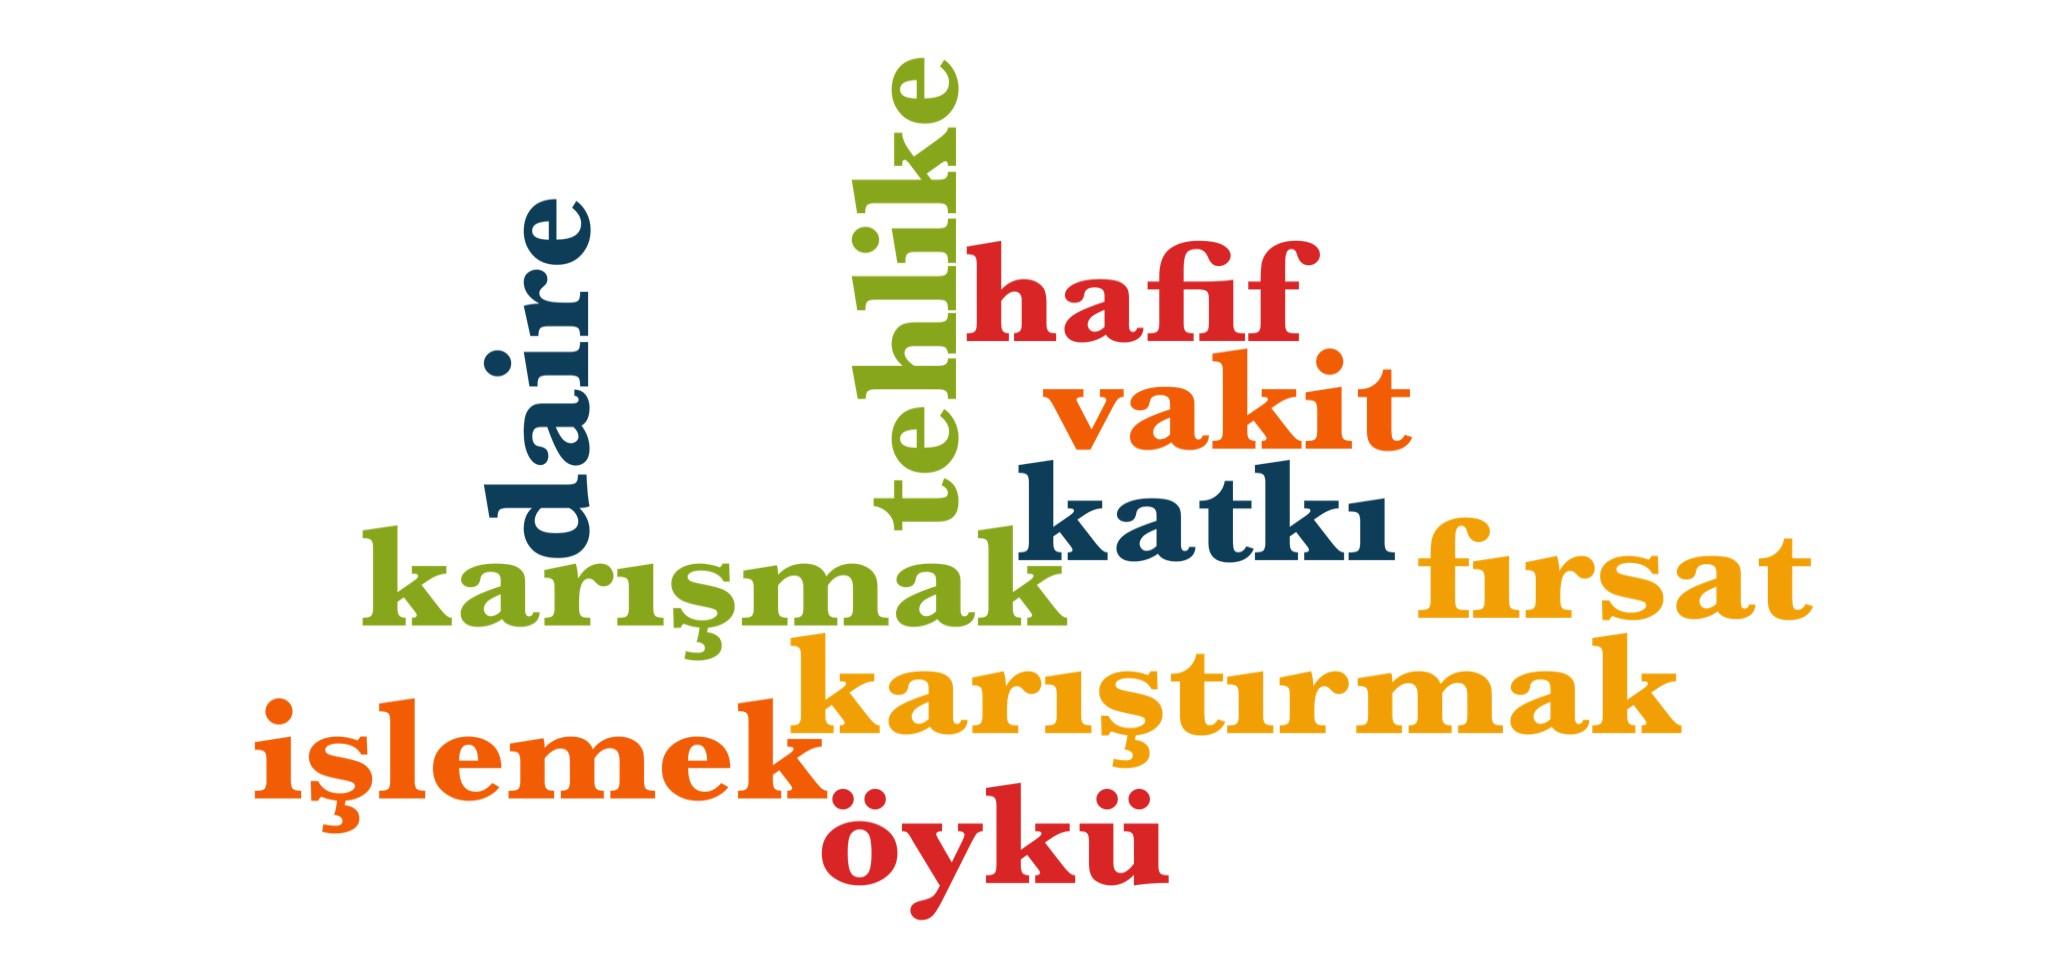 Wörter 831 bis 840 der 1000 häufigsten Wörter der türkischen Sprache